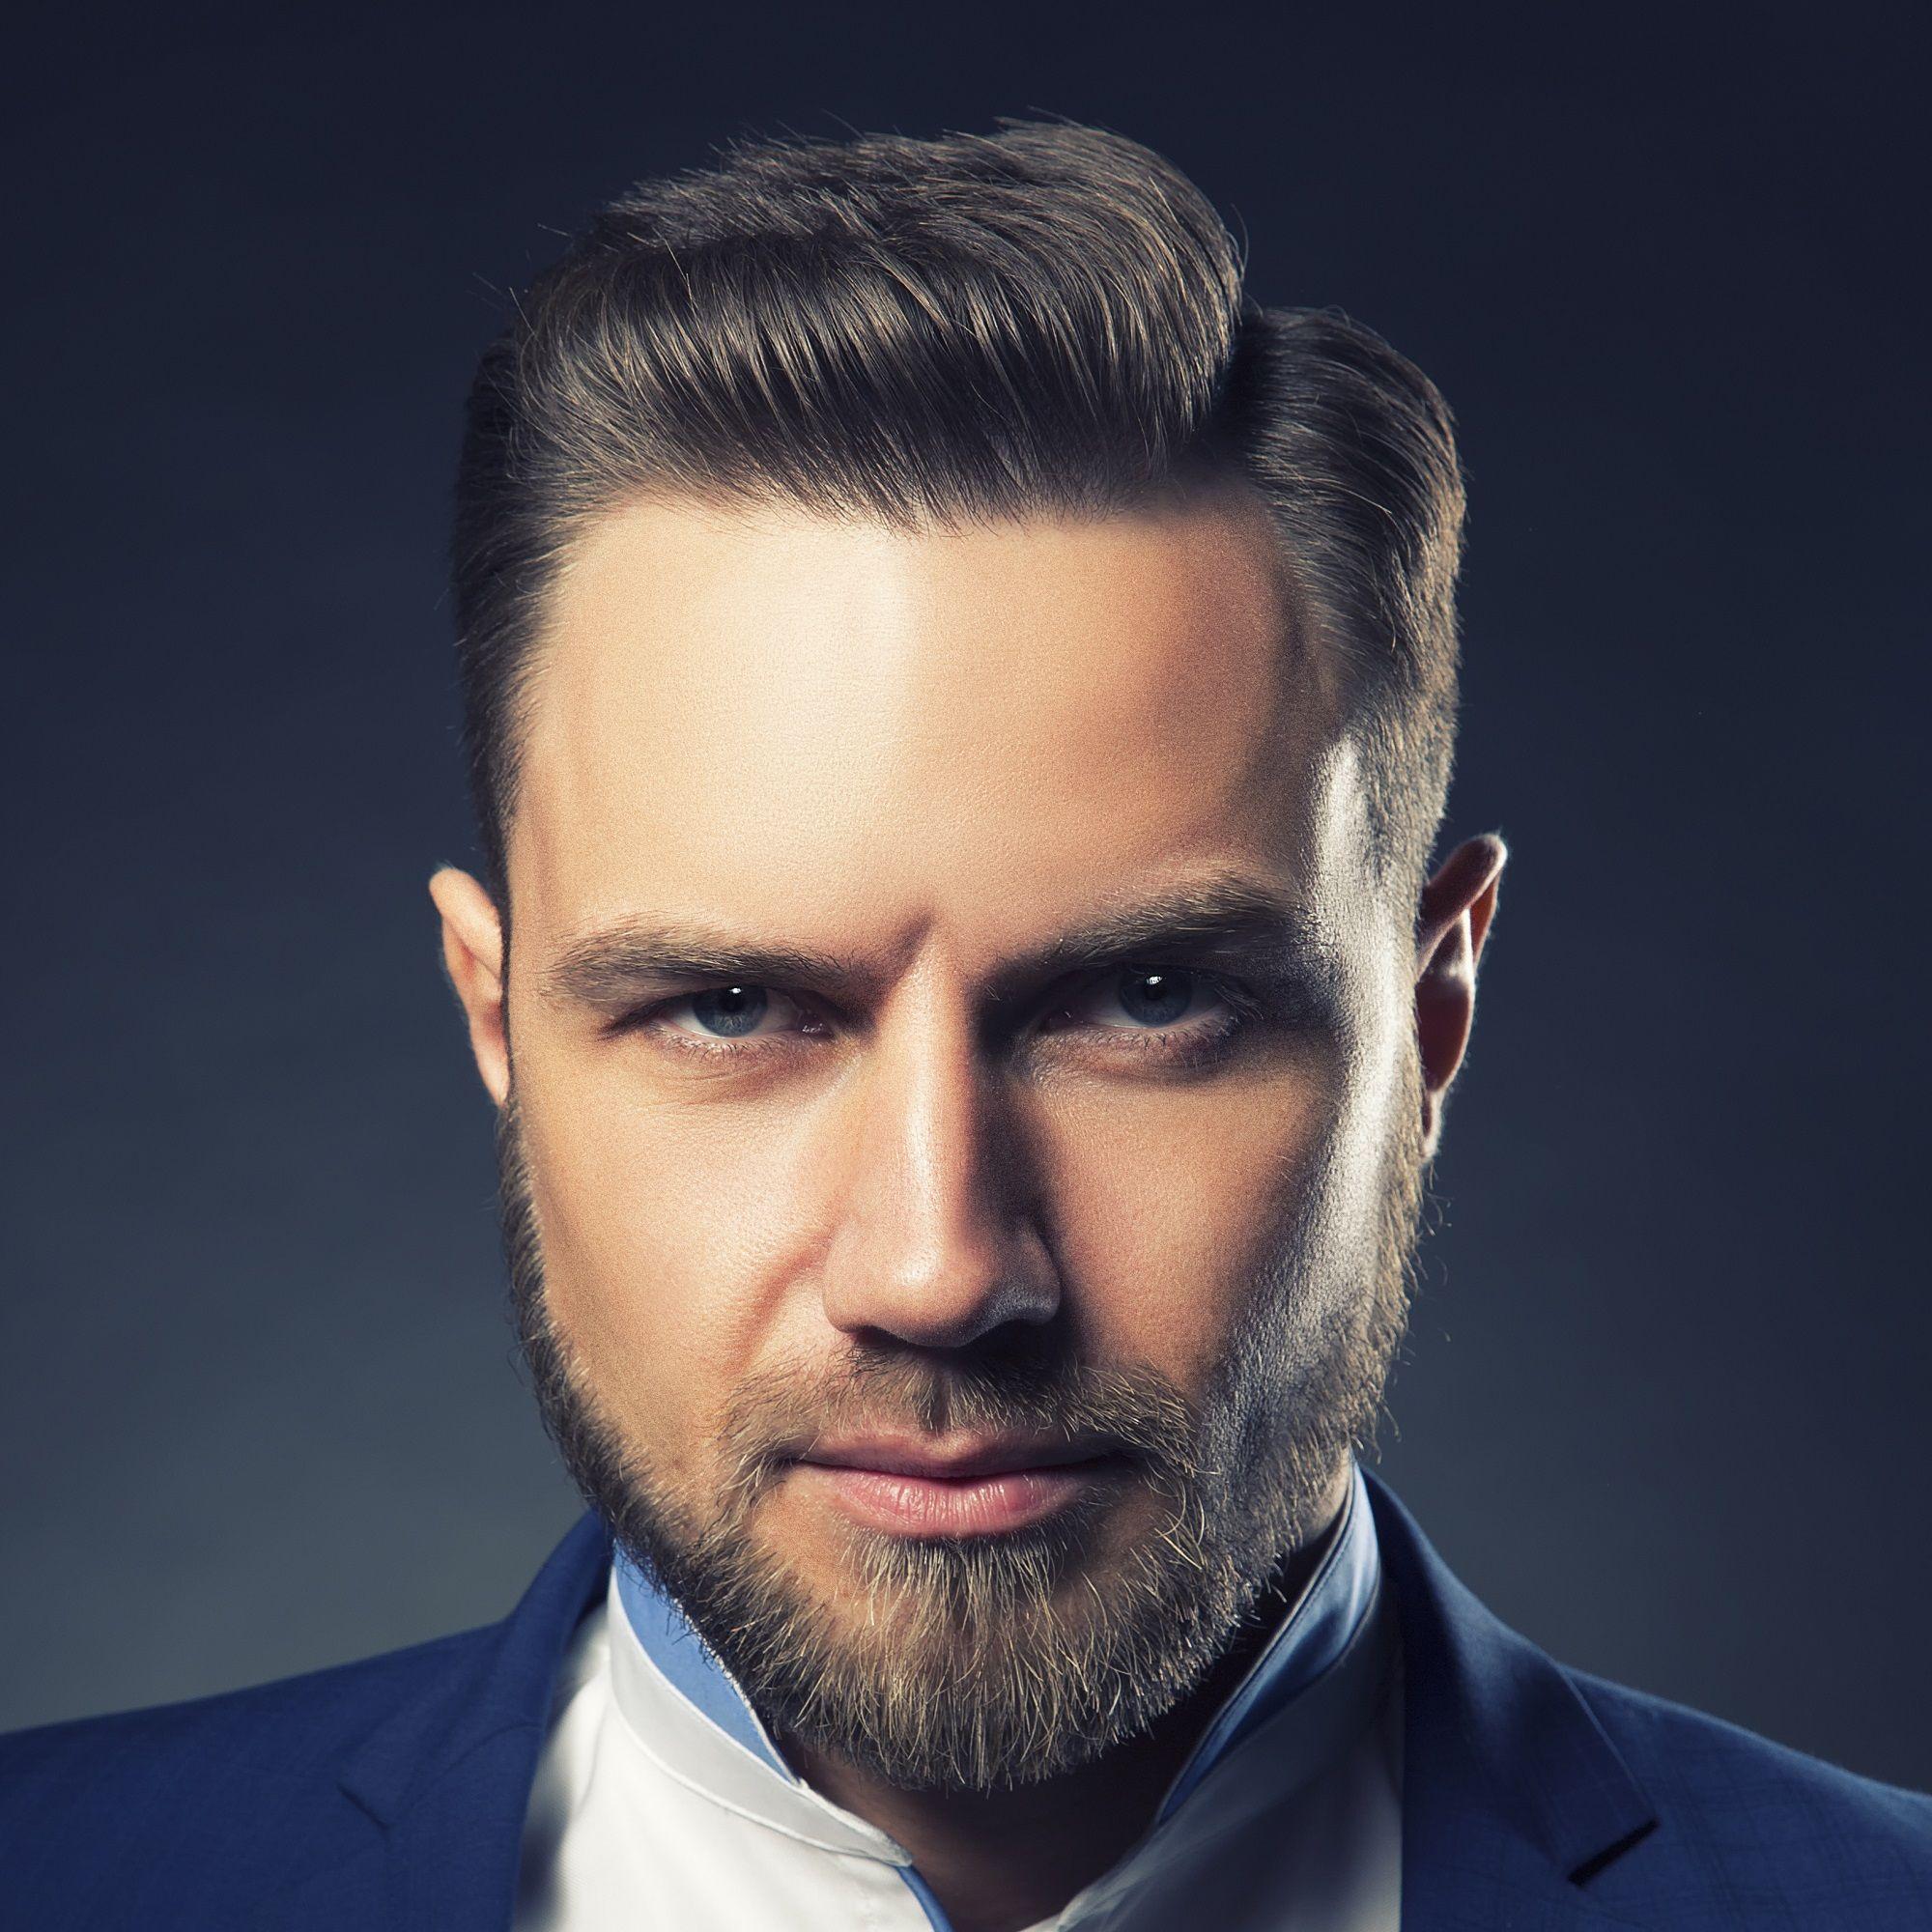 Coupe De Cheveux Homme Printemps Ete 2018 Capelli Uomo Eleganti Capelli Uomo Capelli Uomo Riga